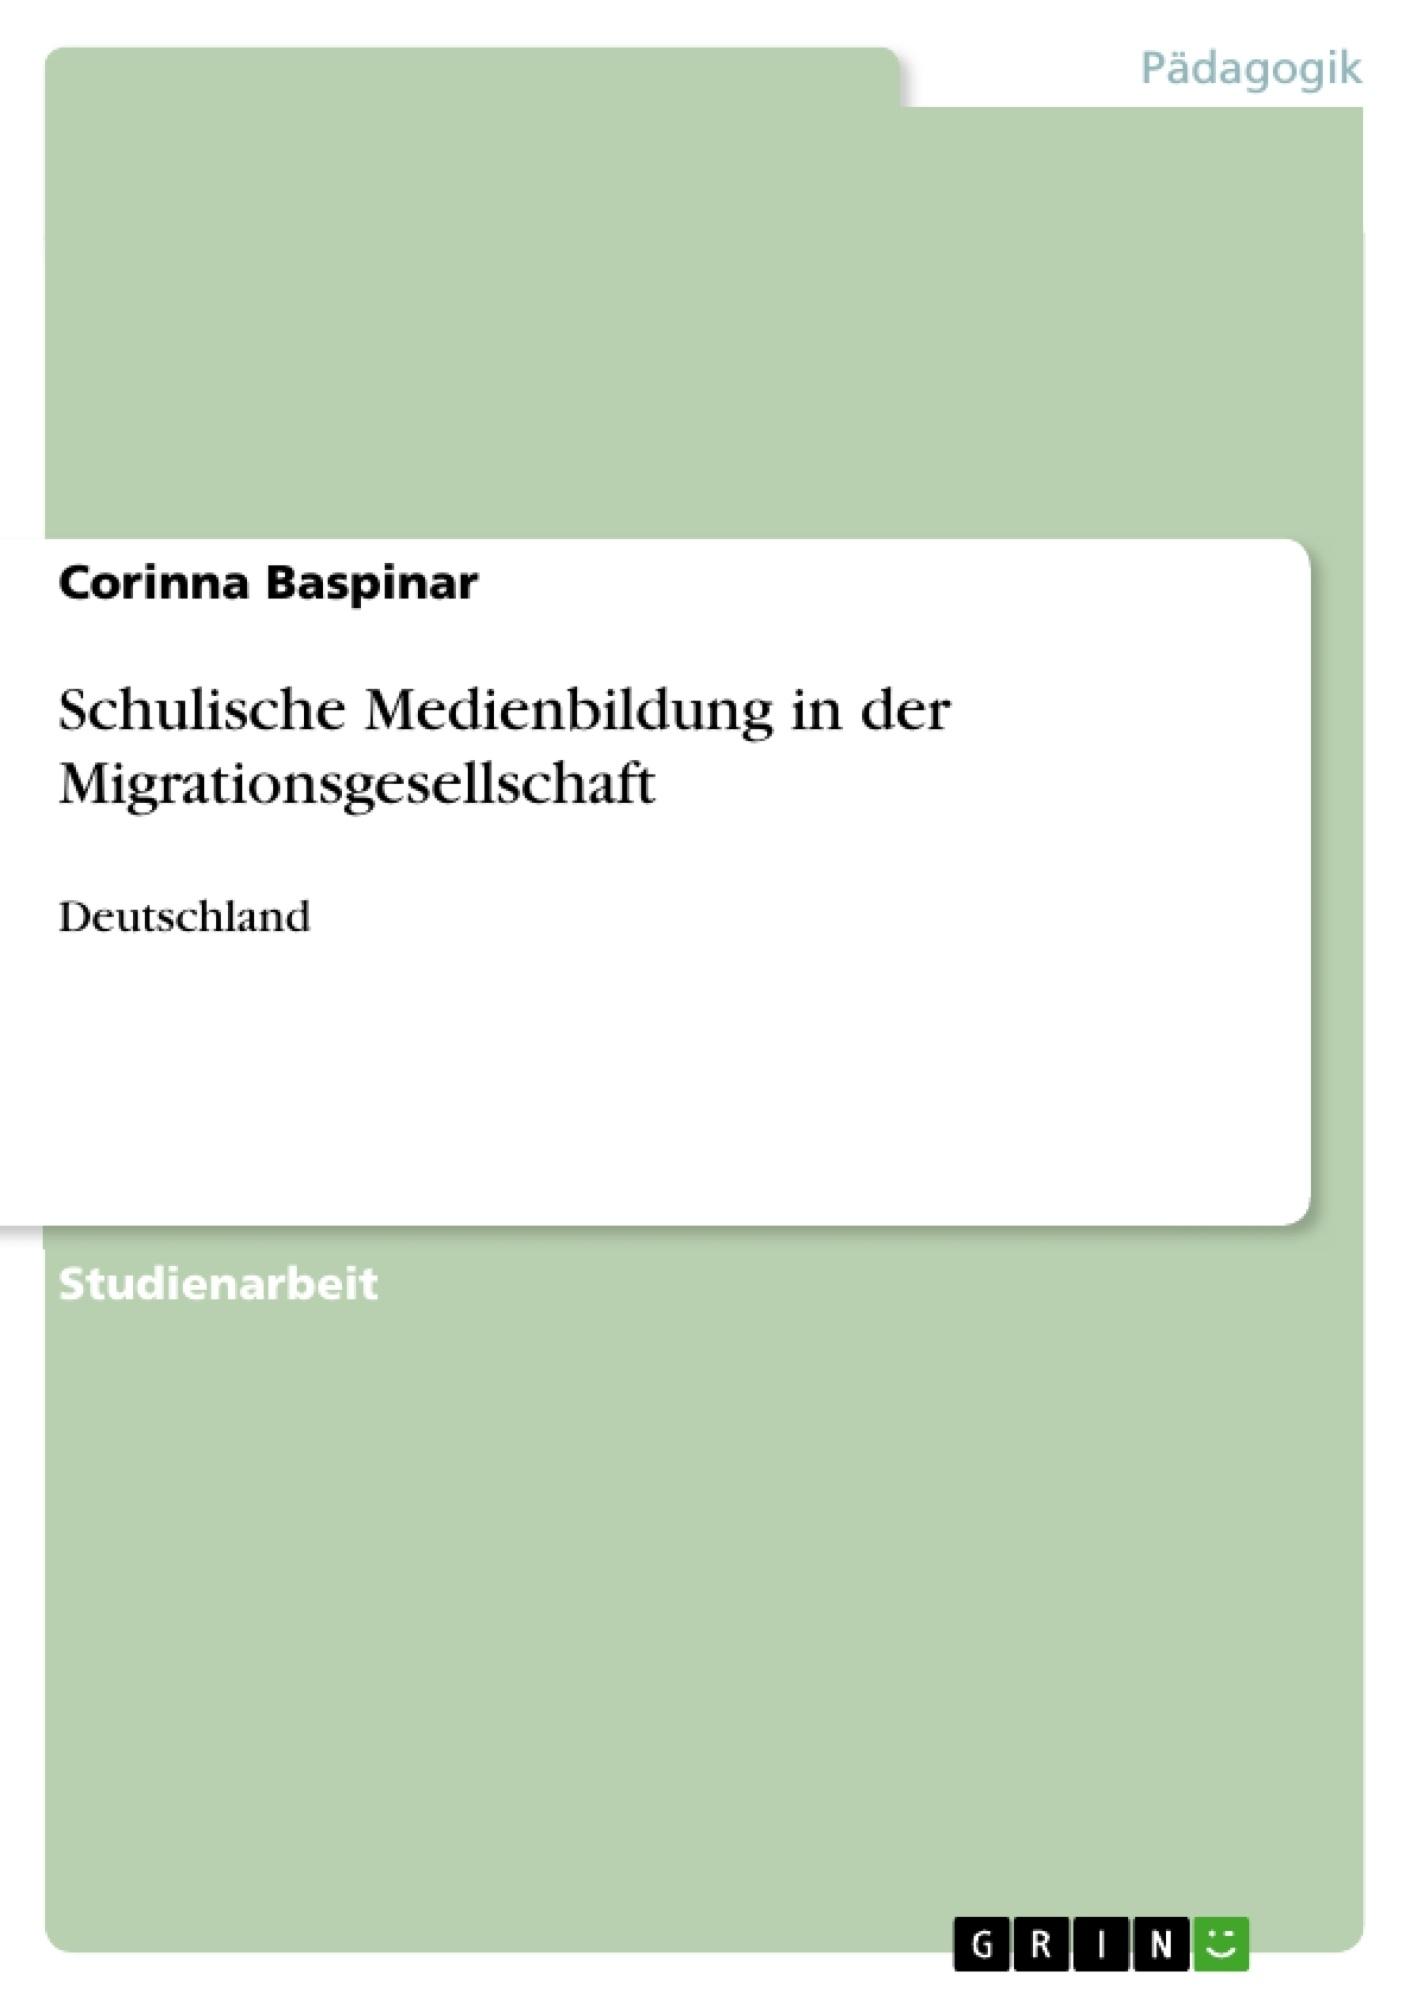 Titel: Schulische Medienbildung in der Migrationsgesellschaft